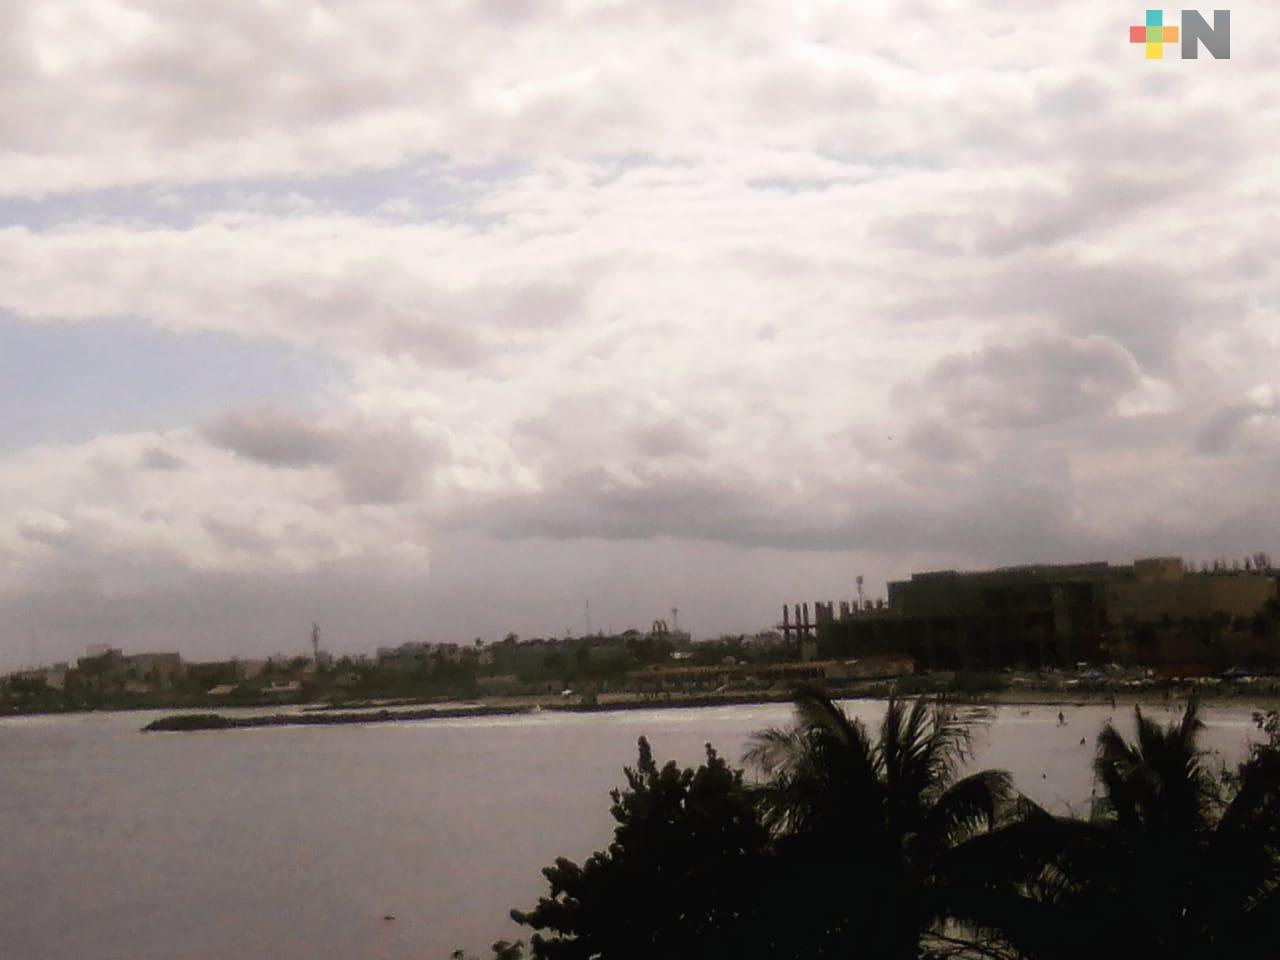 Por Frente Frío 37 habrá lluvias, norte y ambiente frío en Veracruz